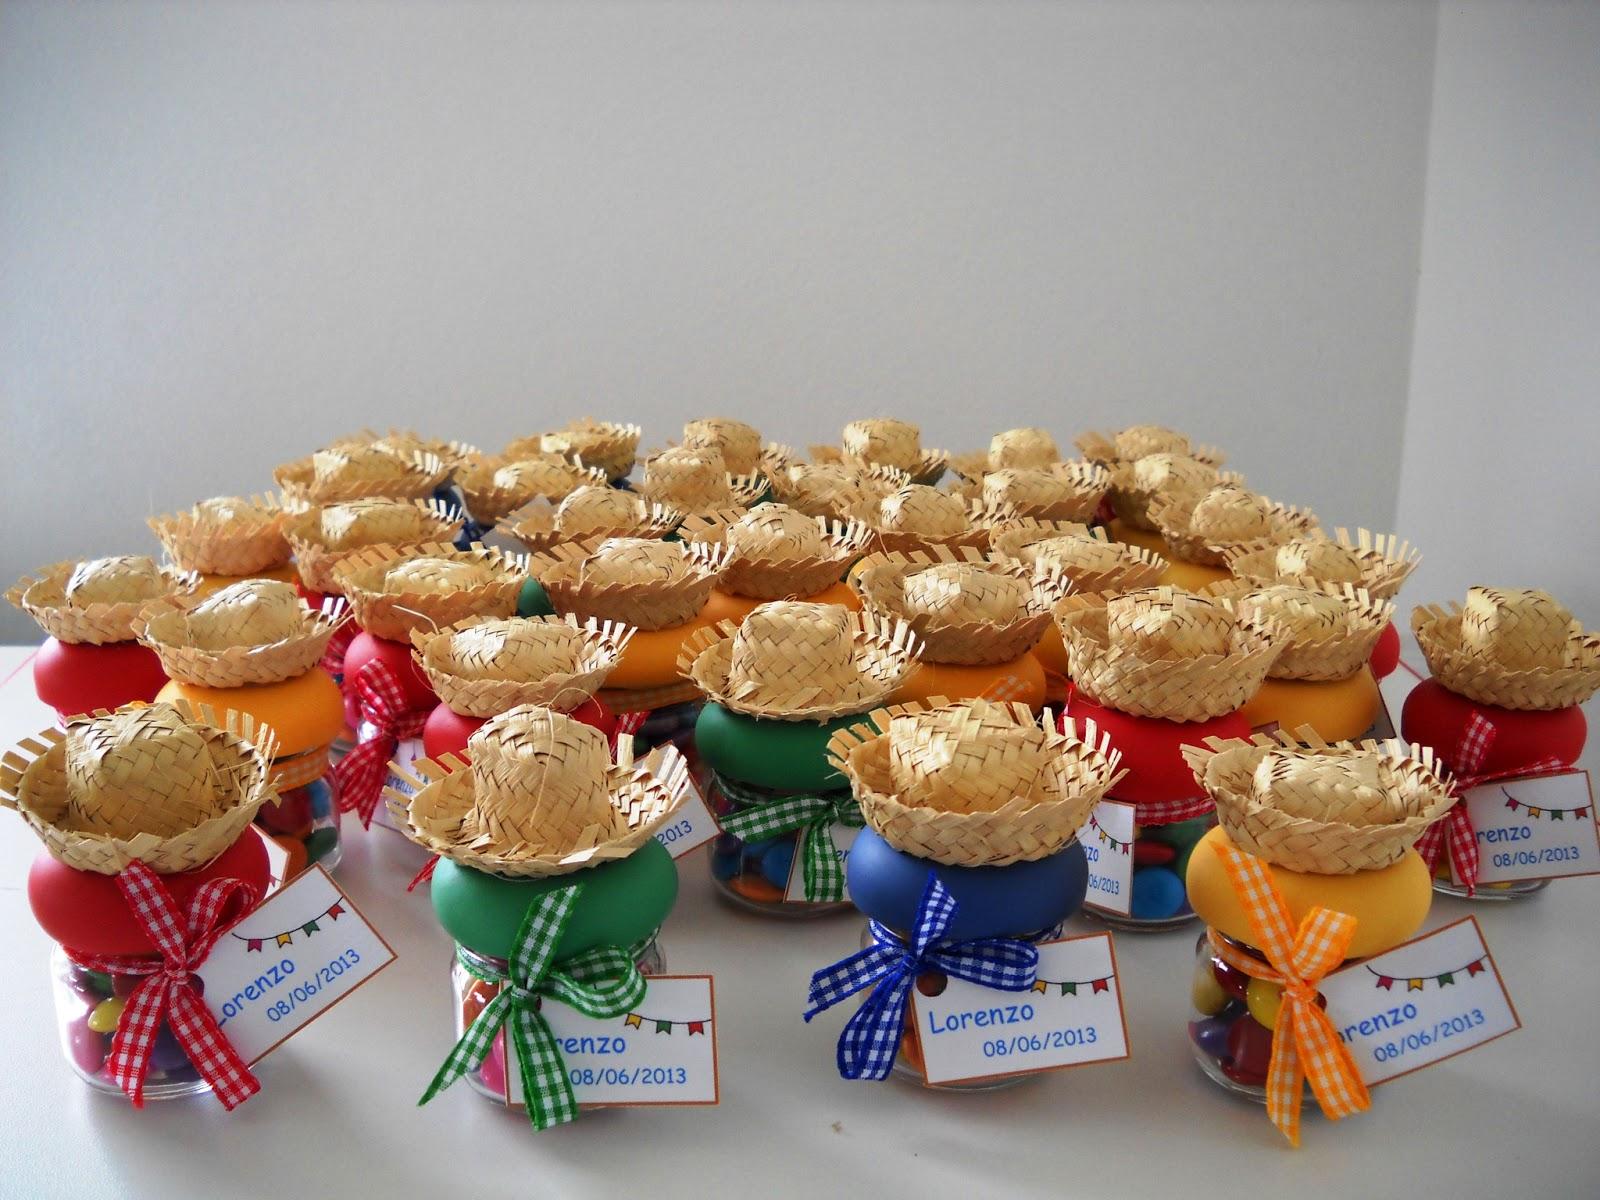 DoceDelícia: Lembrancinhas Personalizadas Festa Junina: sirleidoces.blogspot.com/2013/07/lembrancinhas-personalizadas-festa...